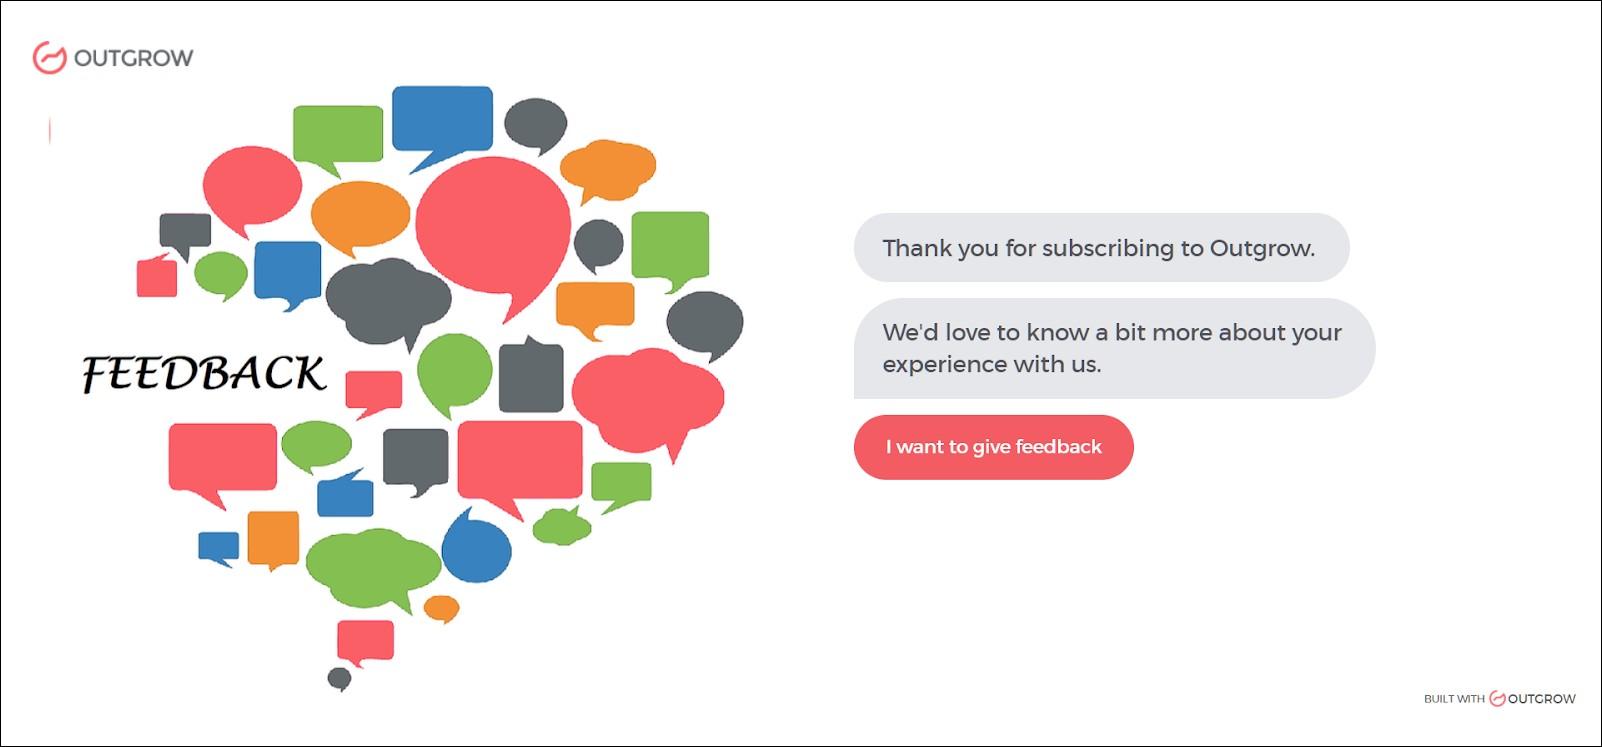 Outgrow interactive feedback form